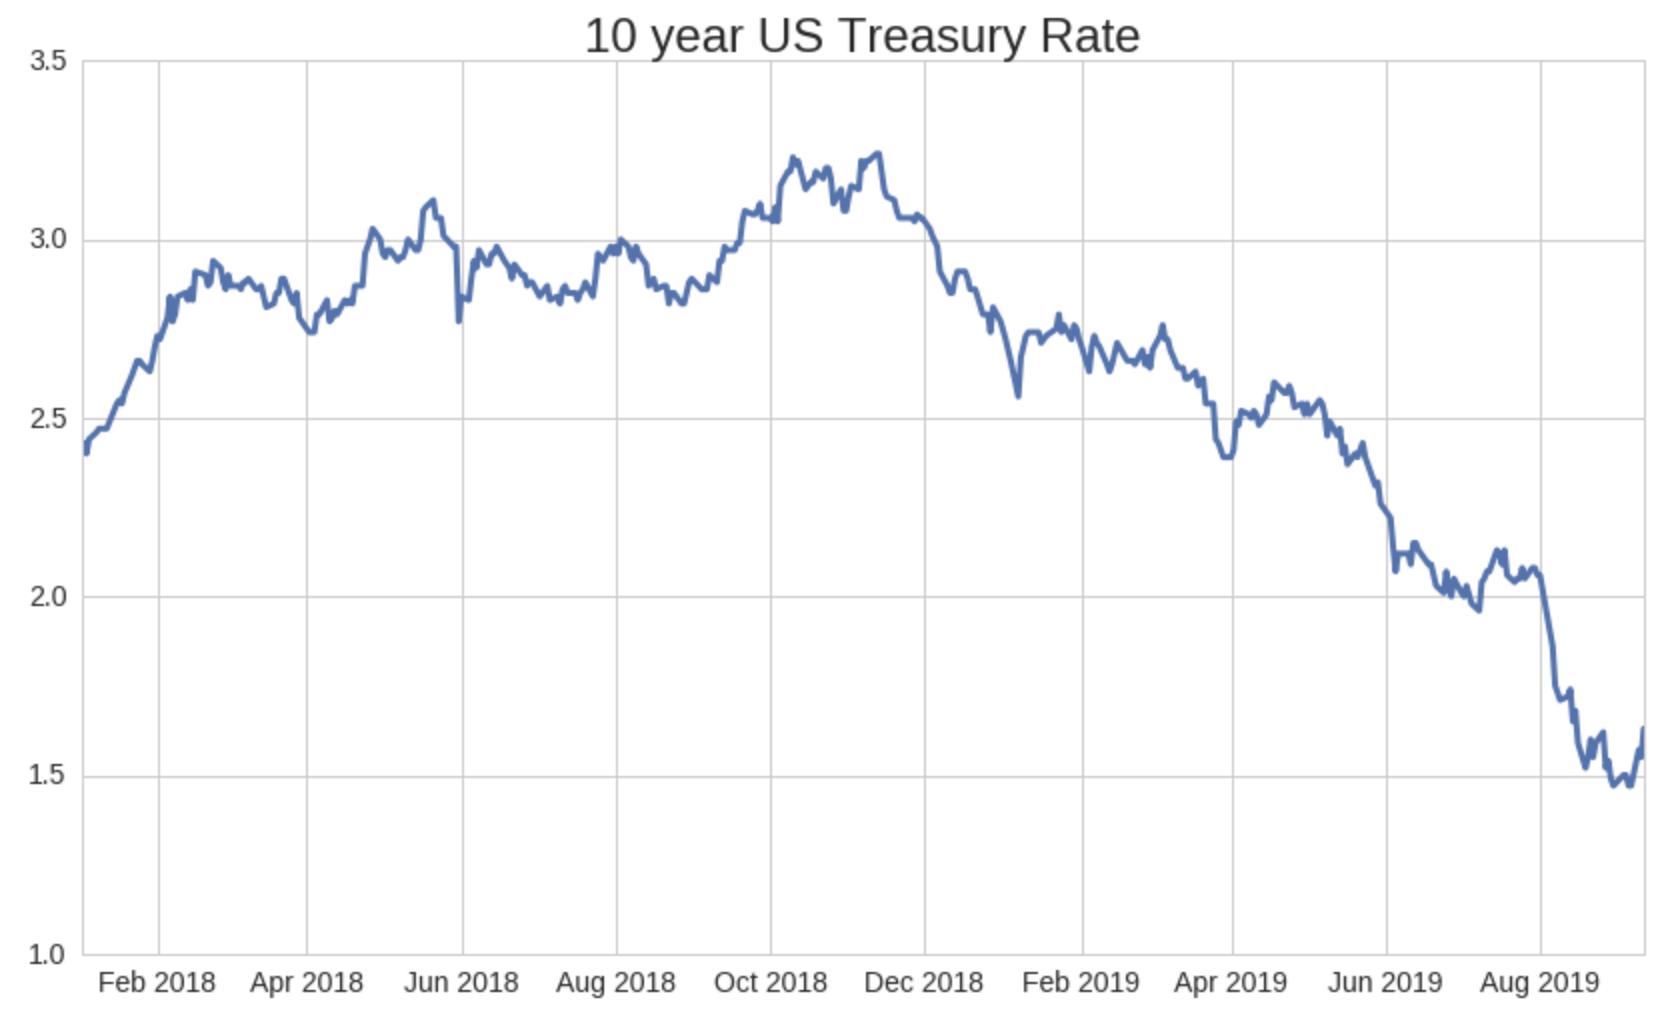 Source: Quandl. Federal Reserve Economic Data.